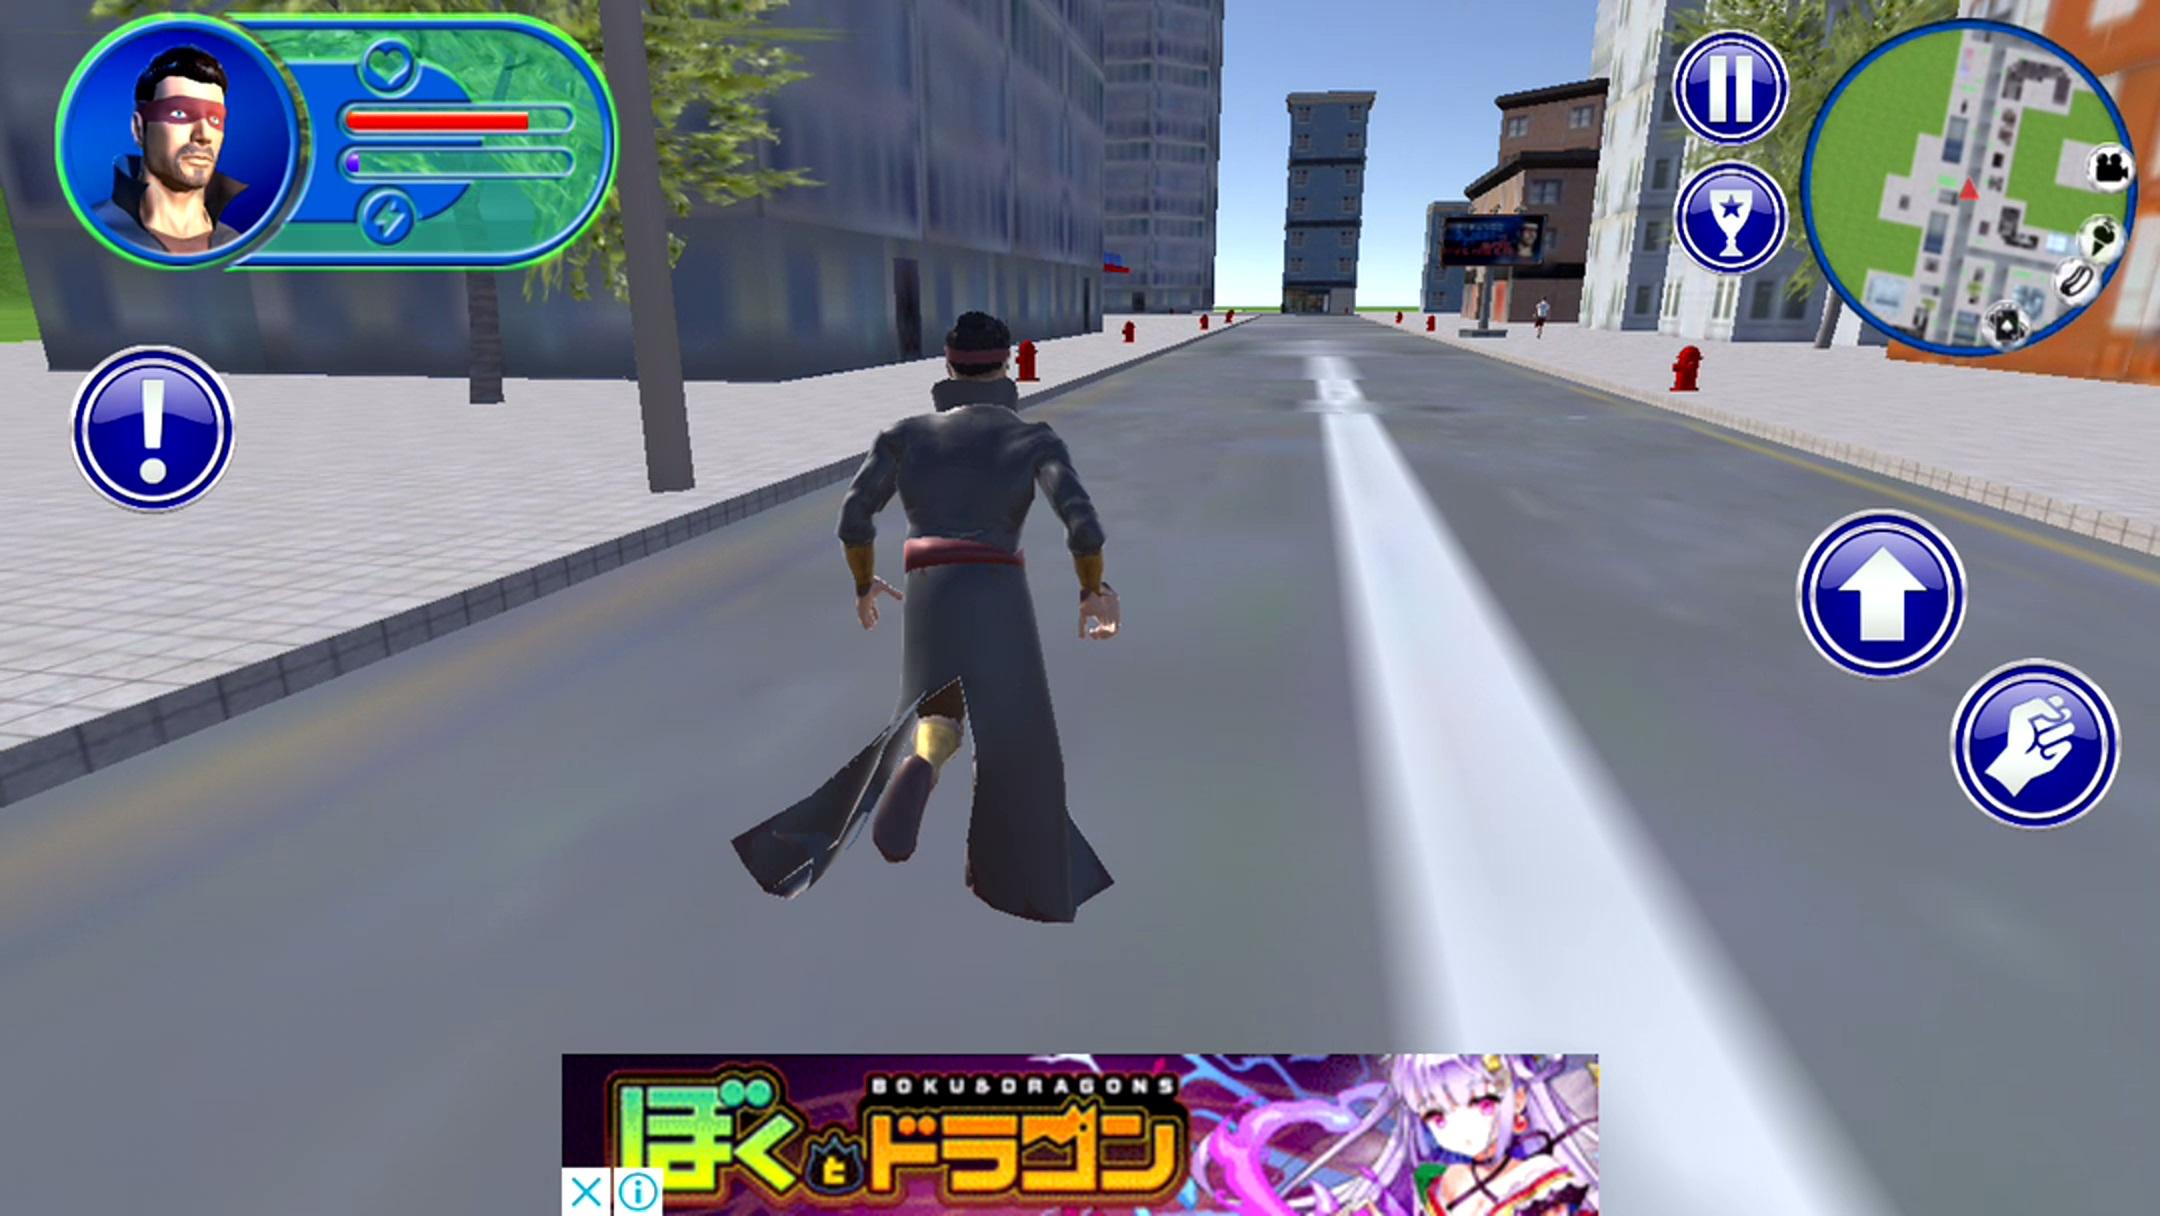 スーパーヒーロー 対チャンピオン androidアプリスクリーンショット2